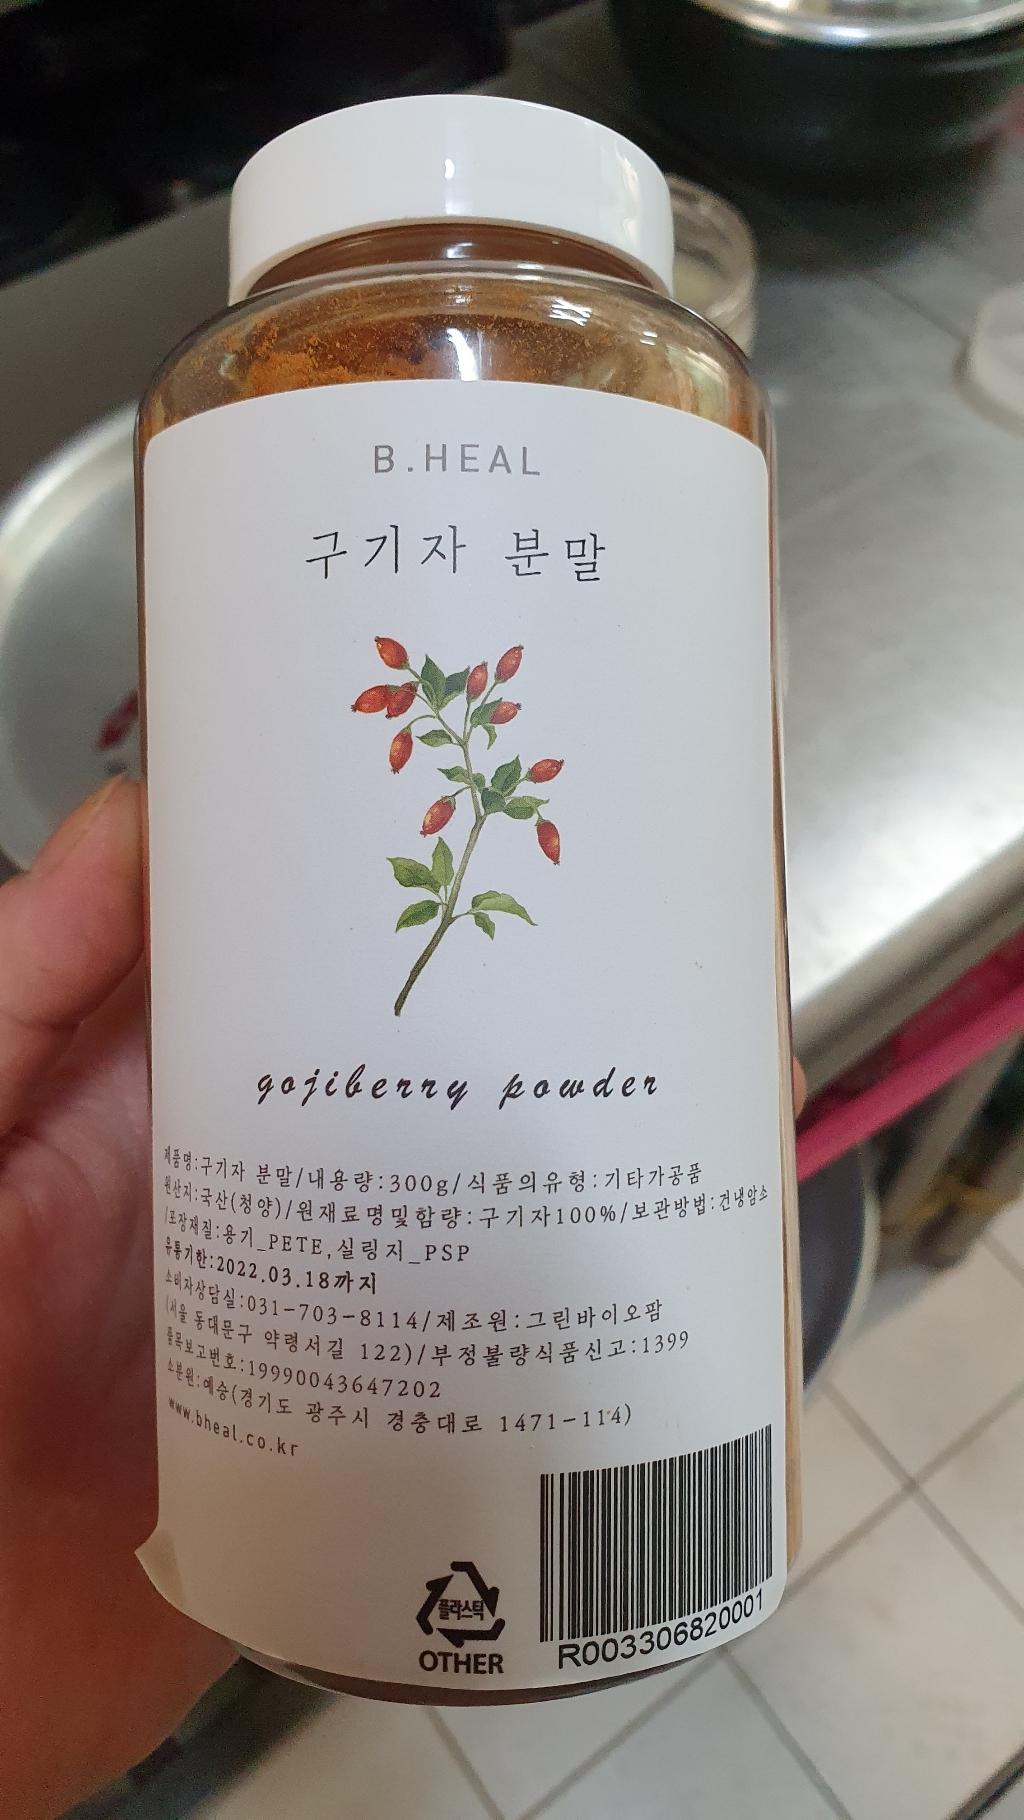 비힐 청양 구기자 분말  리뷰 후기